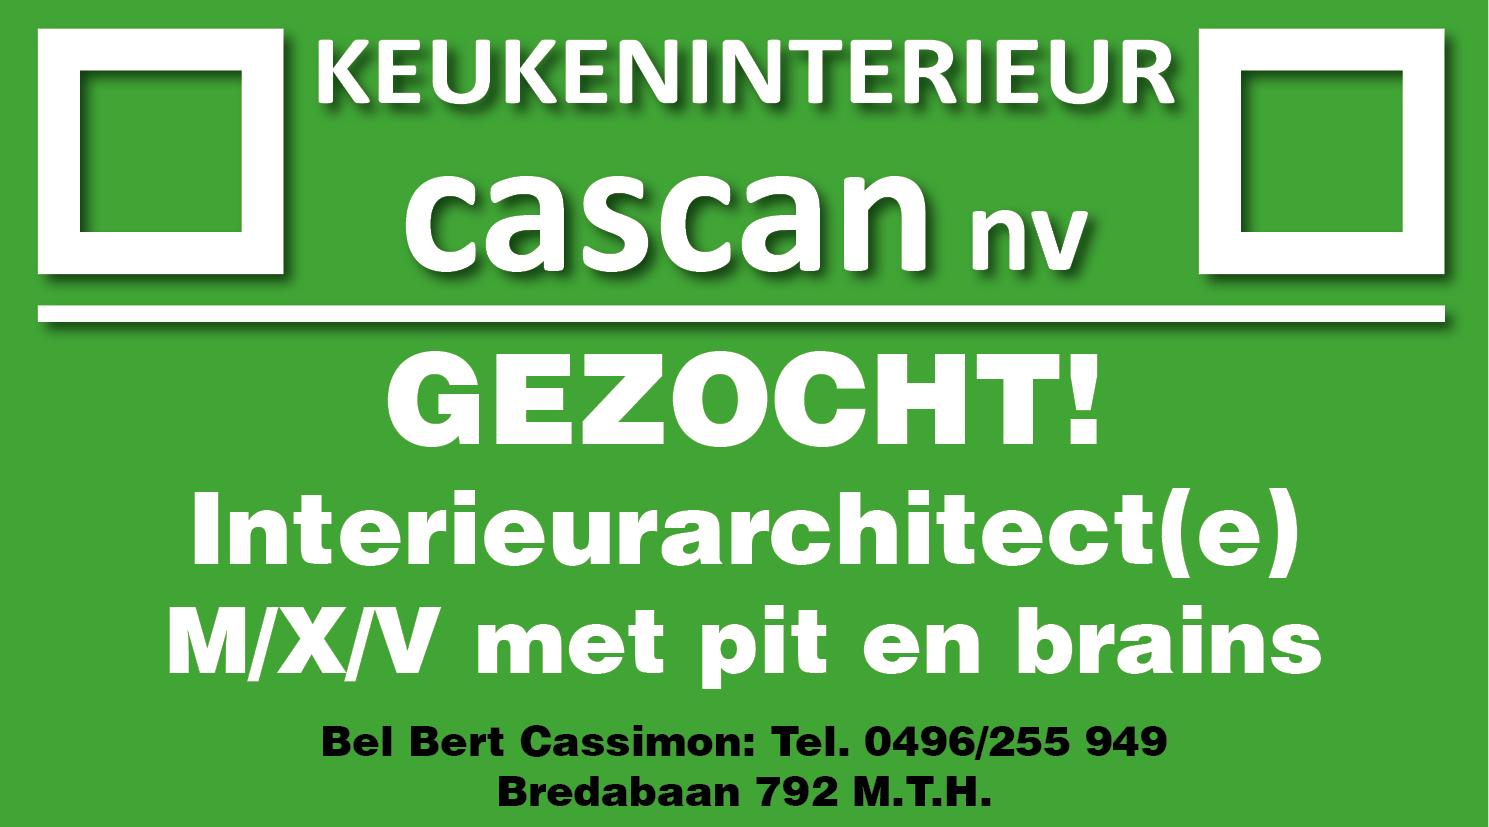 http://www.brasschaatsefilm.com/wp-content/uploads/2017/09/Cascan-Keukeninterieur-interieurarchtecte.jpg